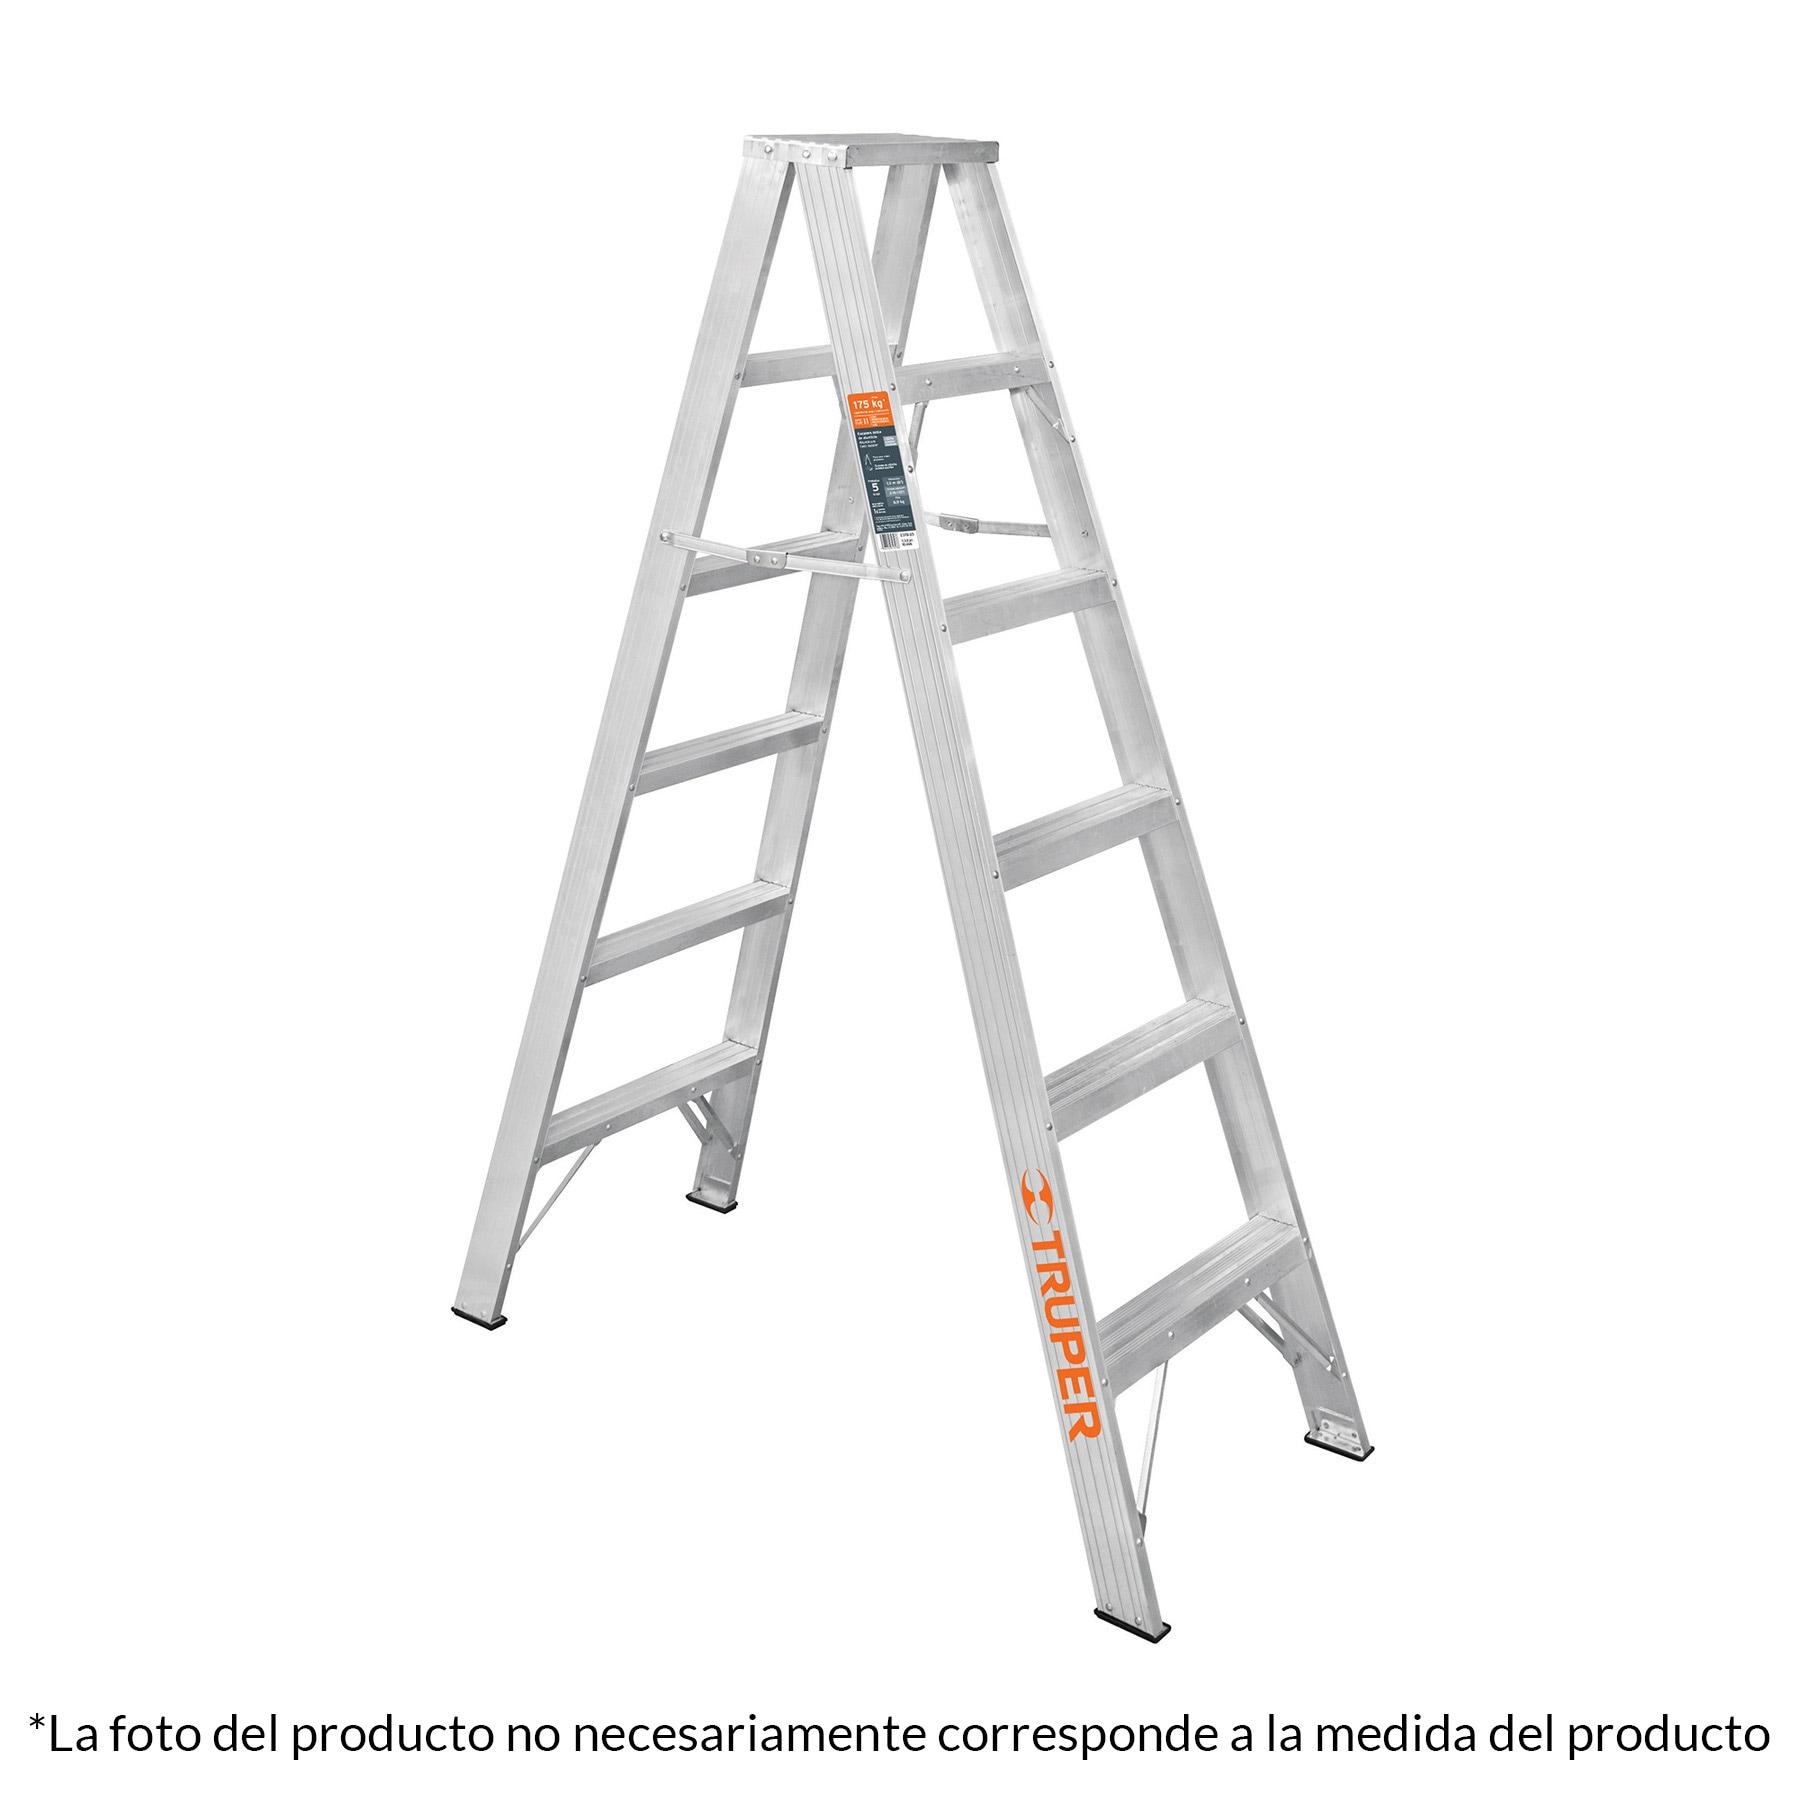 Escalera de tijera doble, tipo ll, 7 escalones